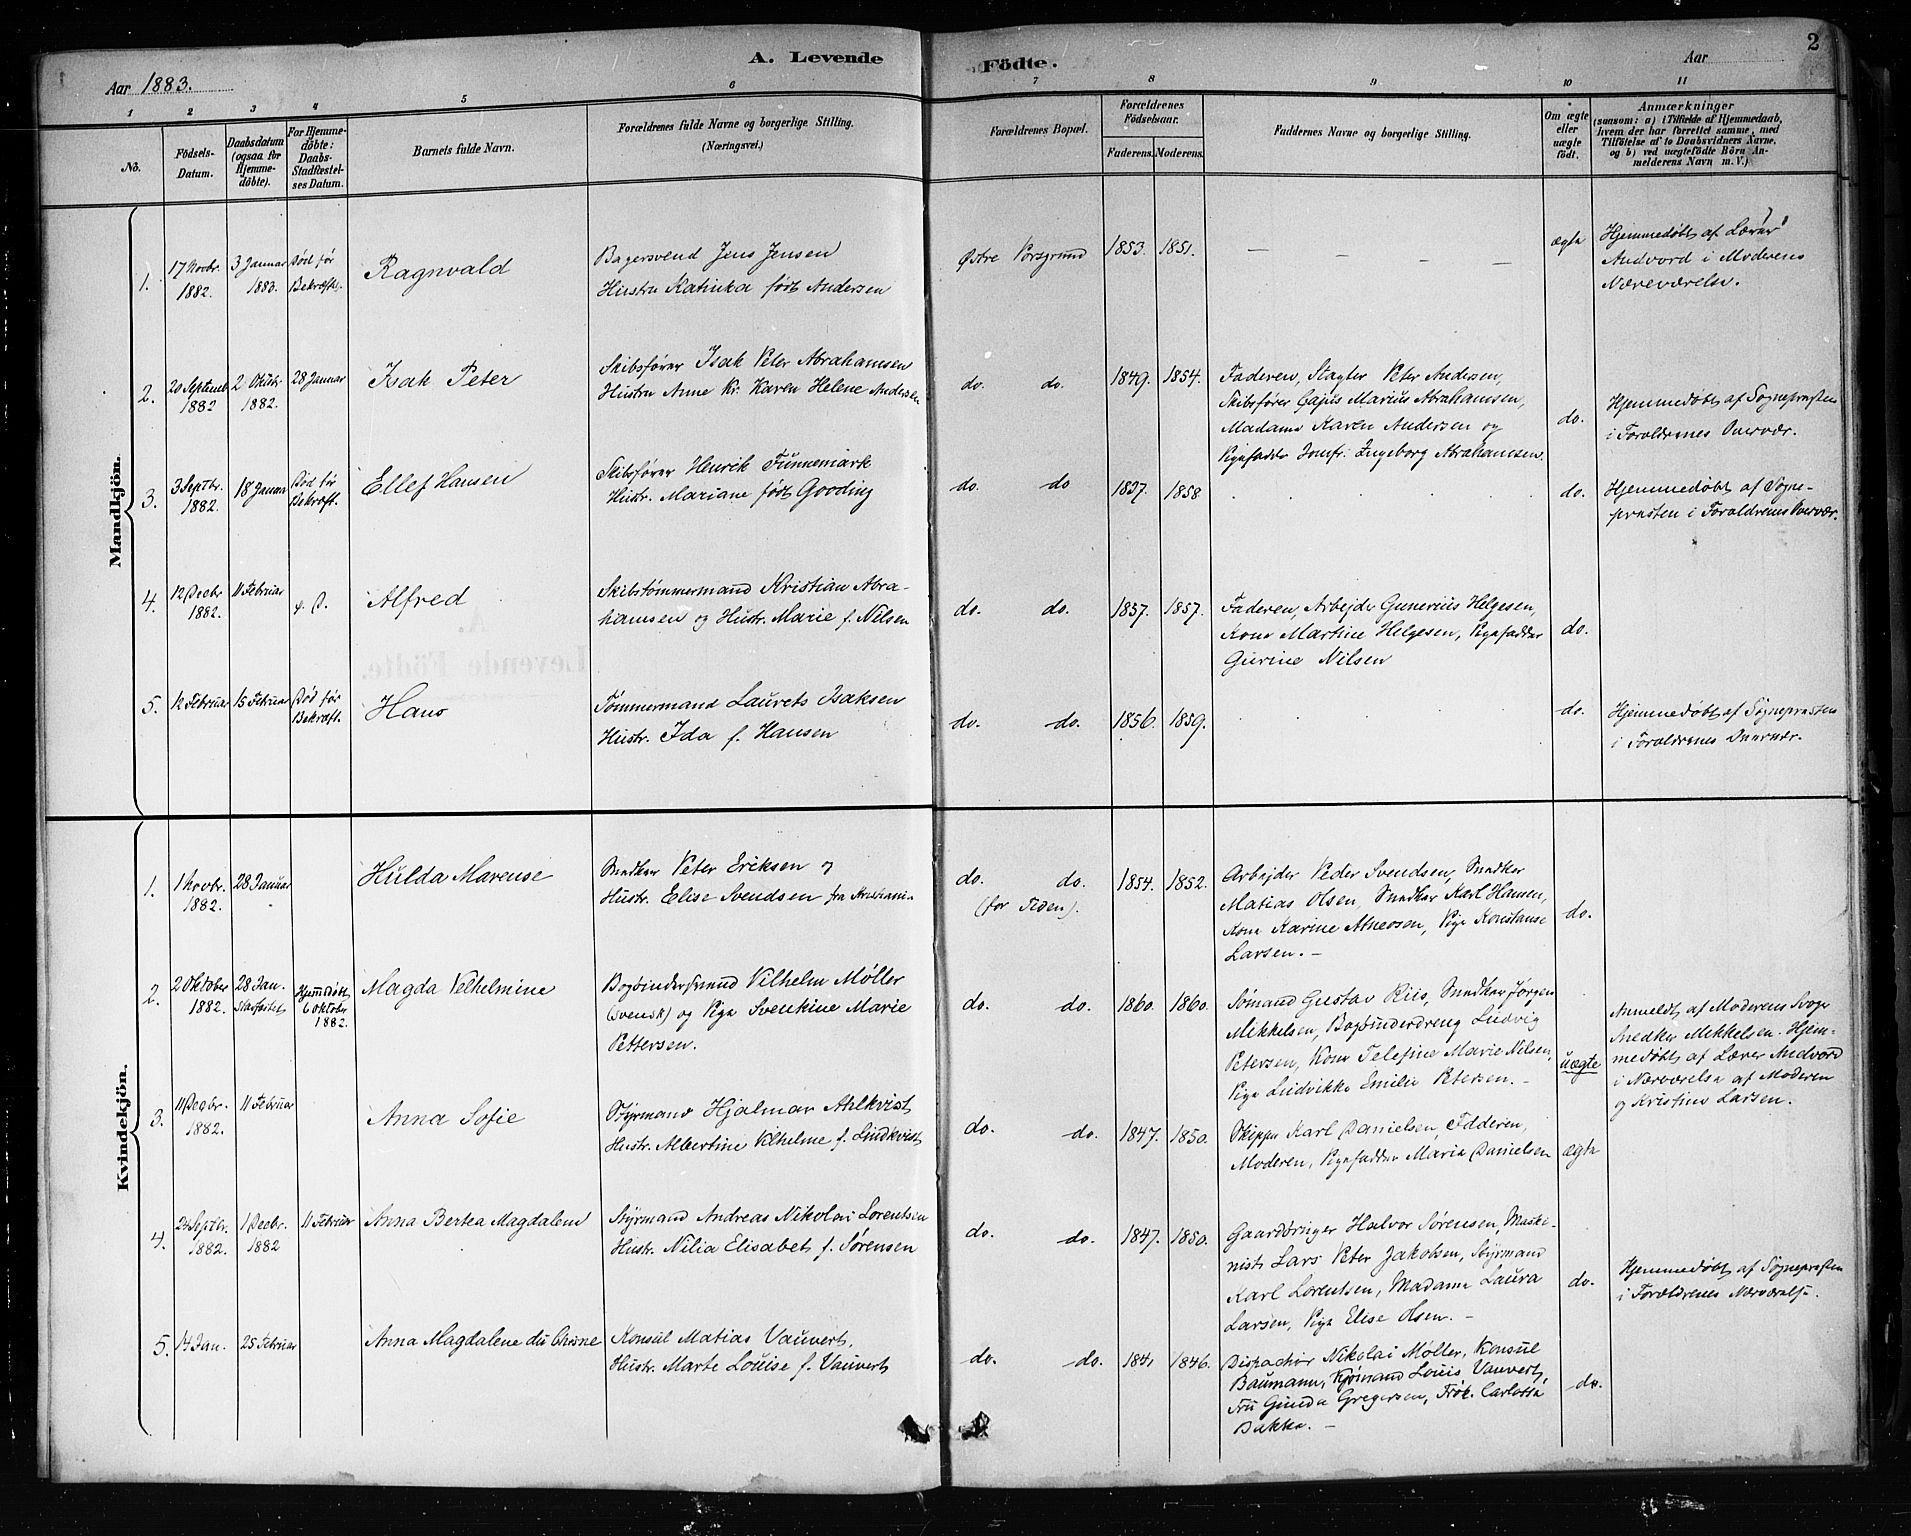 SAKO, Porsgrunn kirkebøker , G/Gb/L0005: Klokkerbok nr. II 5, 1883-1915, s. 2